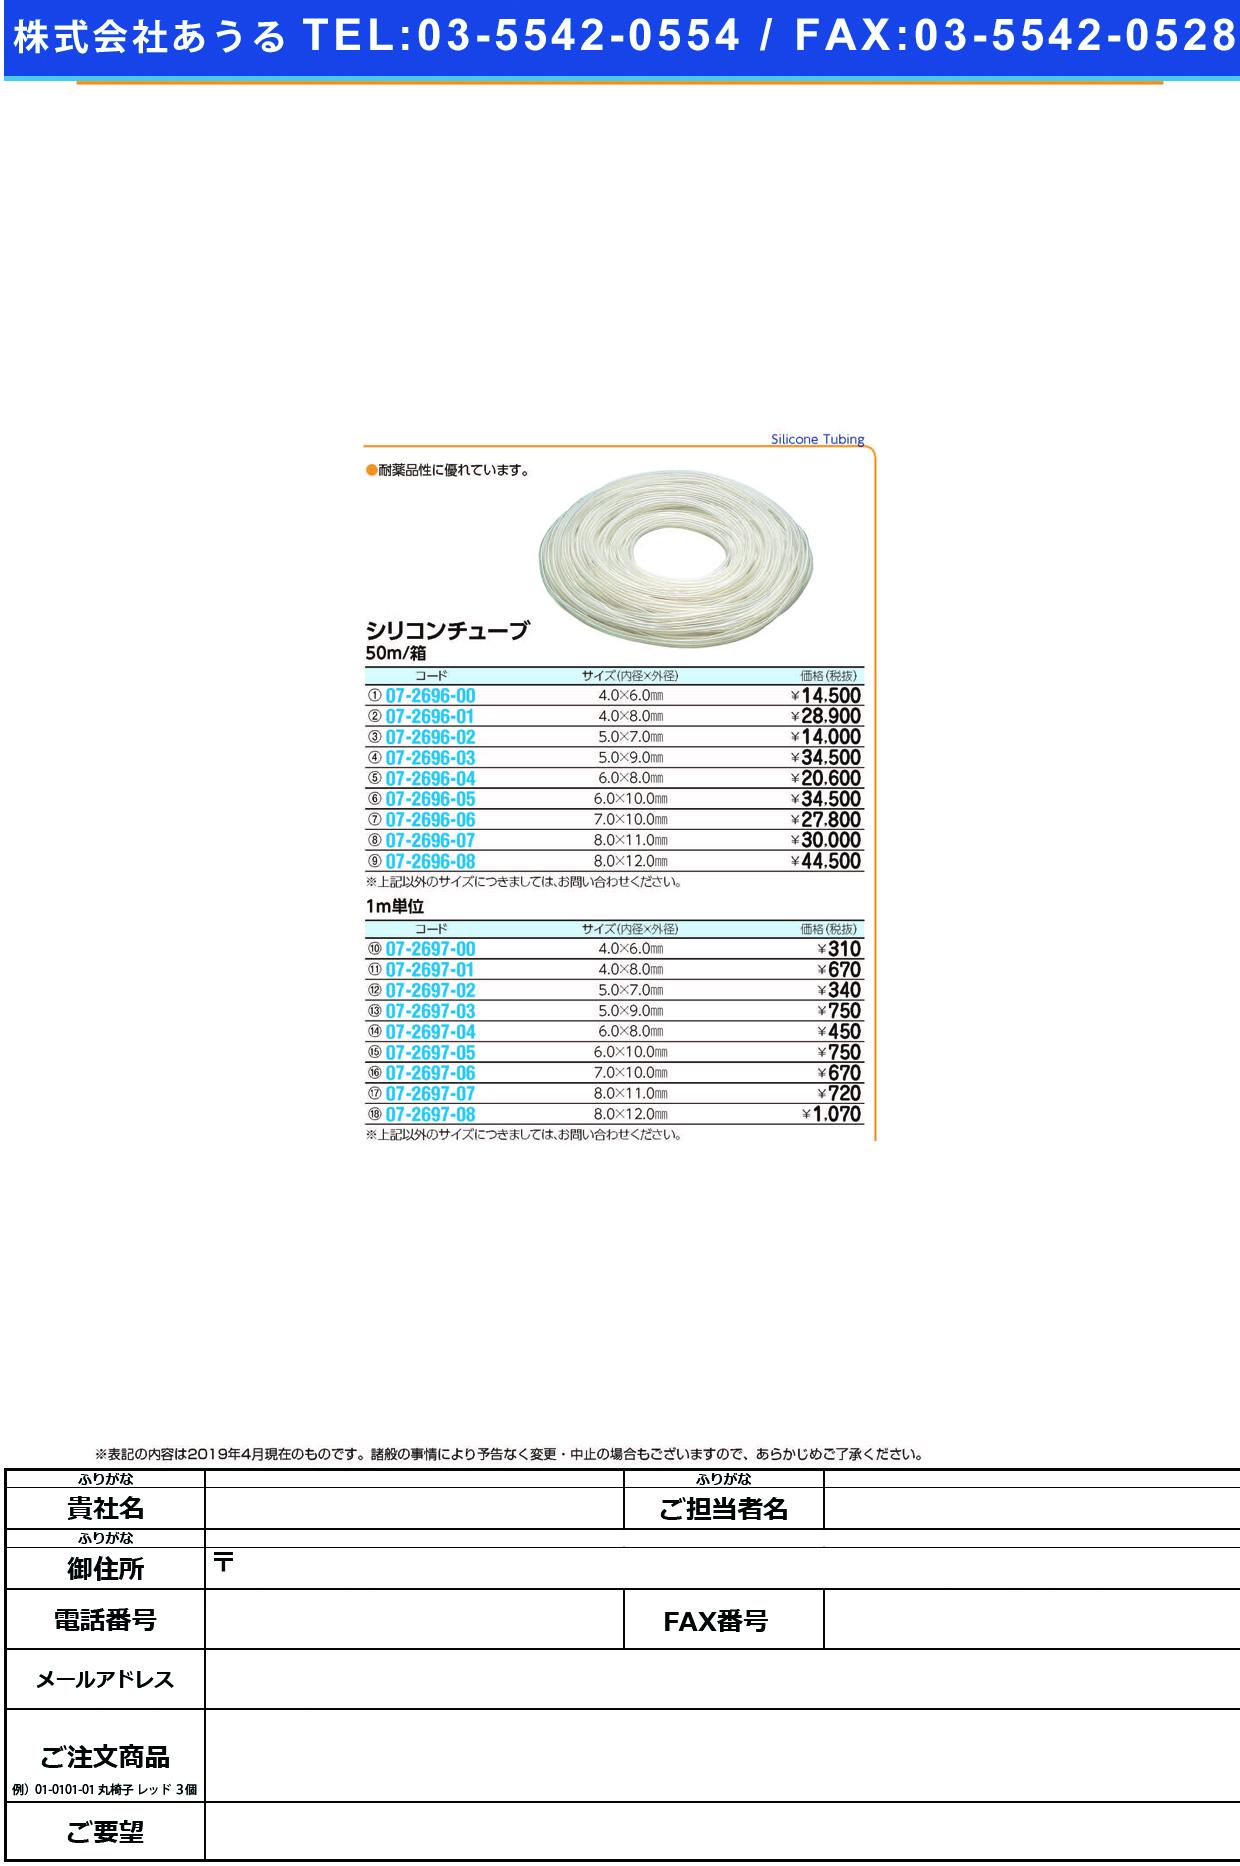 (07-2696-06)シリコンチューブ 7X10MM(50Mイリ) シリコンチューブ【1巻単位】【2019年カタログ商品】